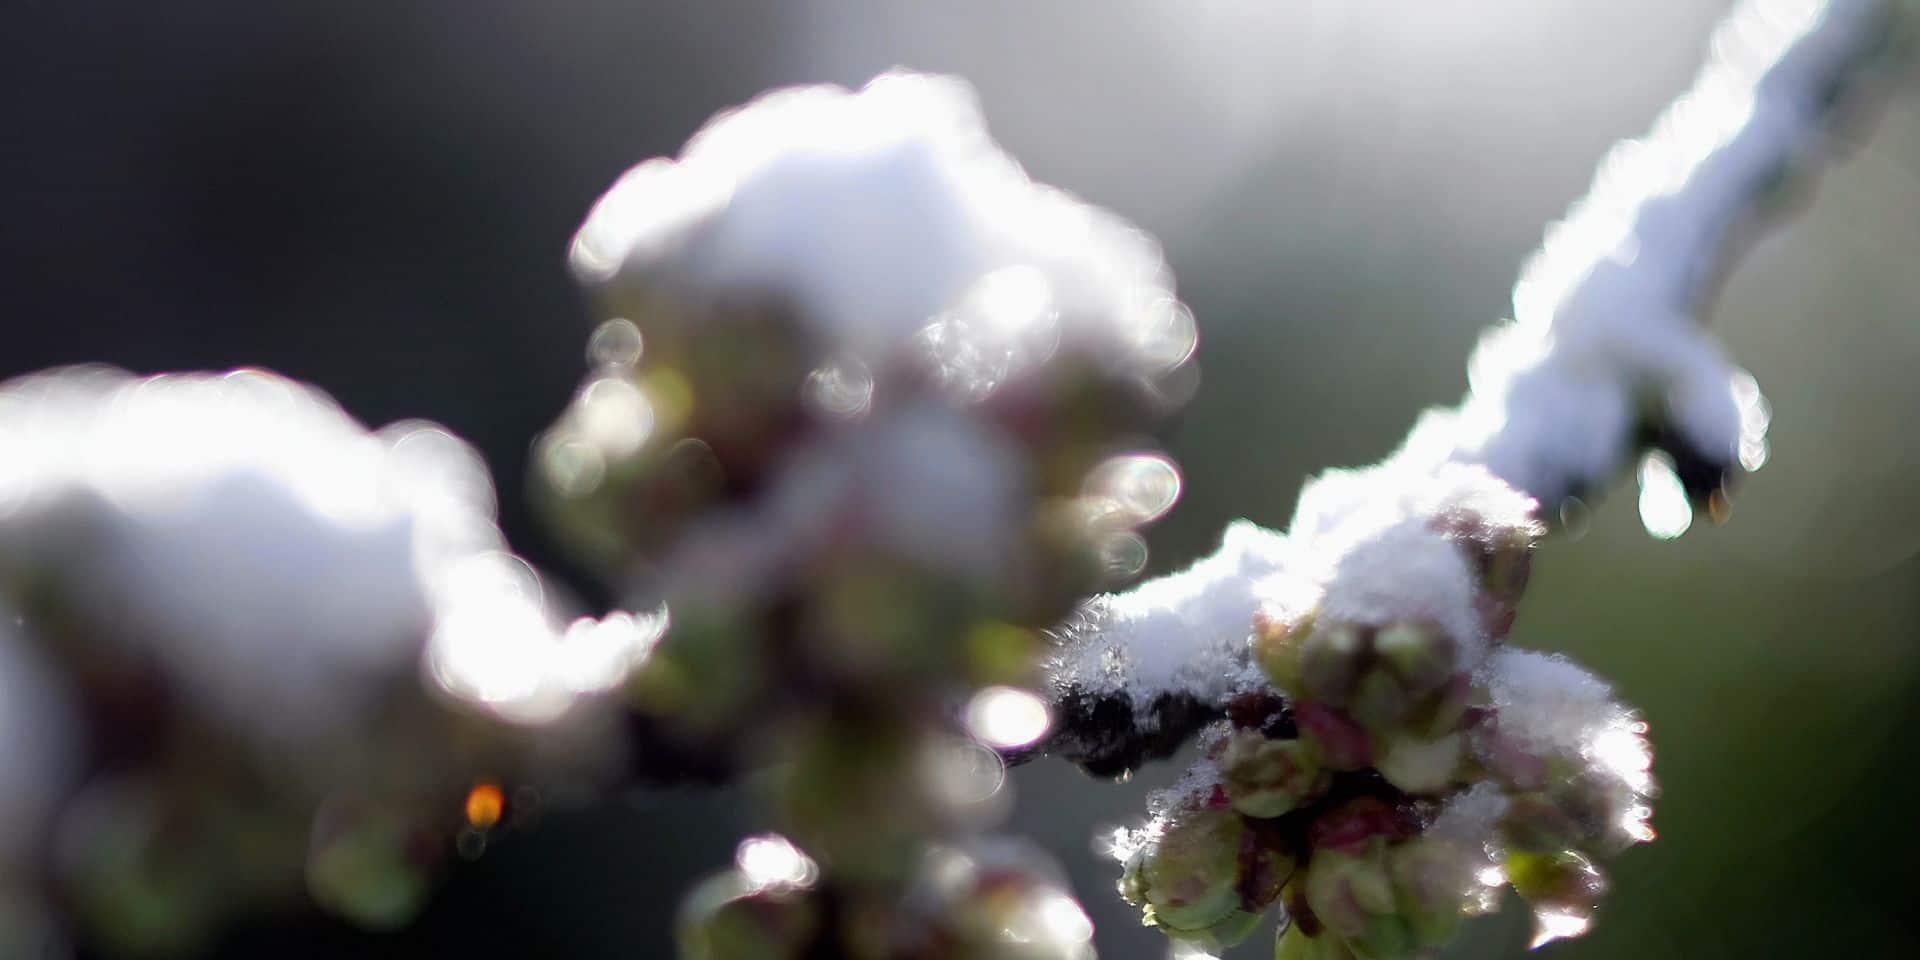 Météo: un possible retour de la neige en Belgique ce dimanche, neige et pluie au programme avant un début de semaine plus sec